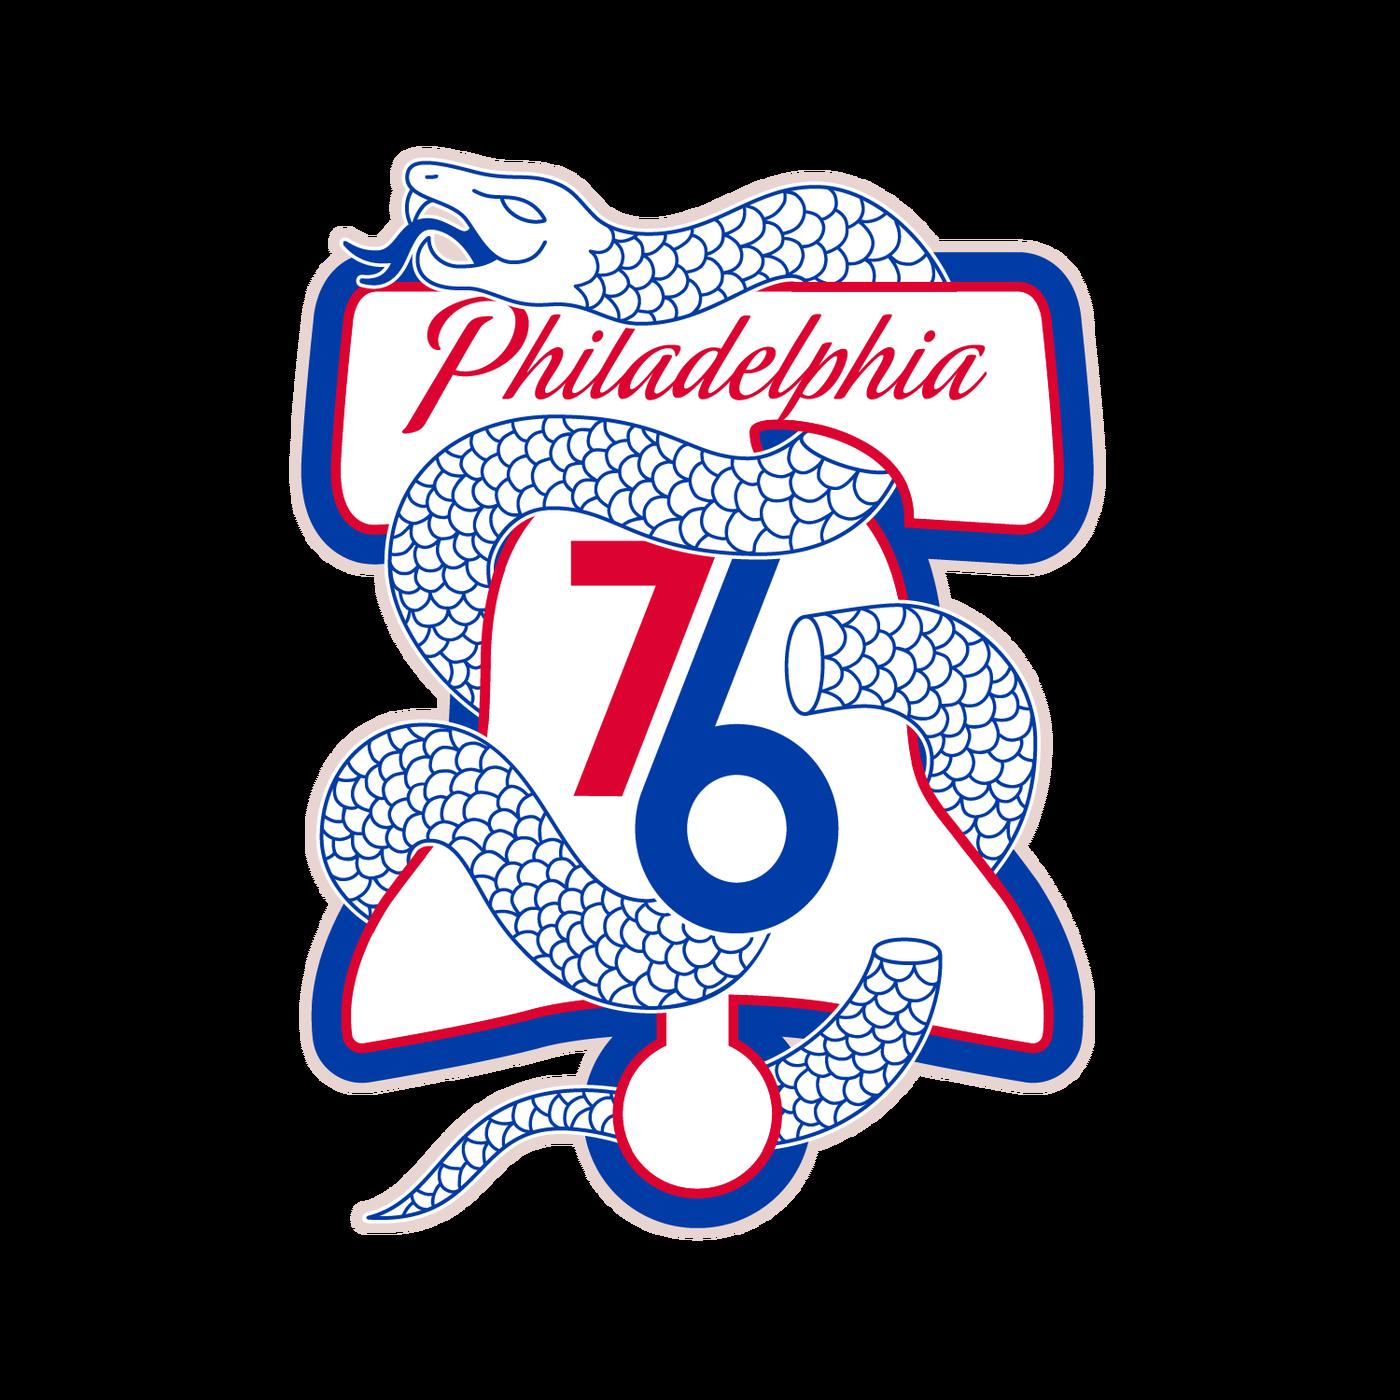 Hiqilbtd Q5np6yupzu4vbbgwb5cx3otpbgbzgpgvy Philadelphia 76ers 76ers Philadelphia